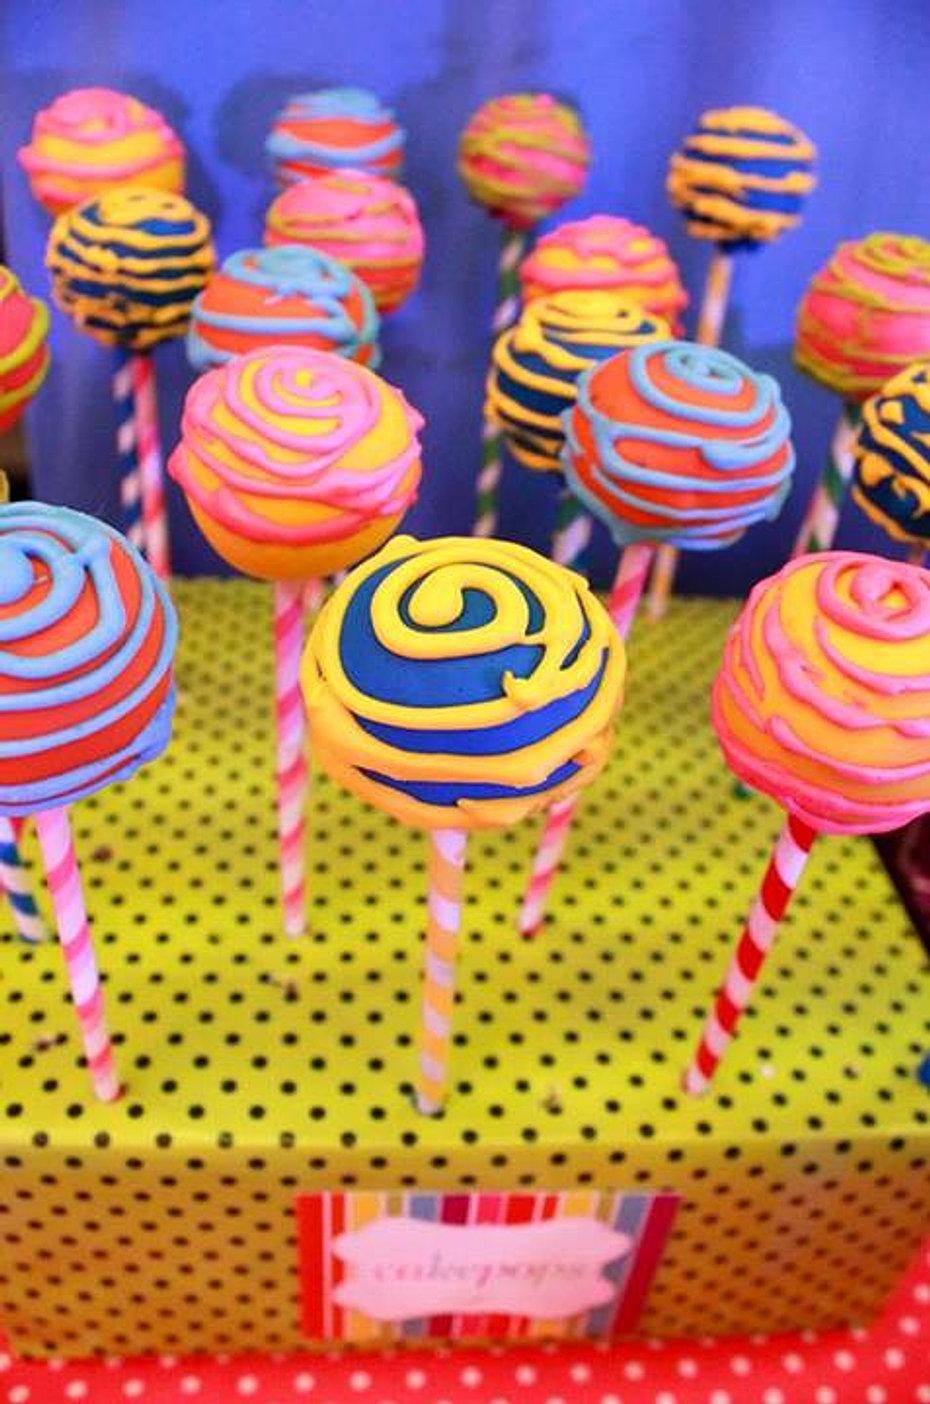 Candyland pops